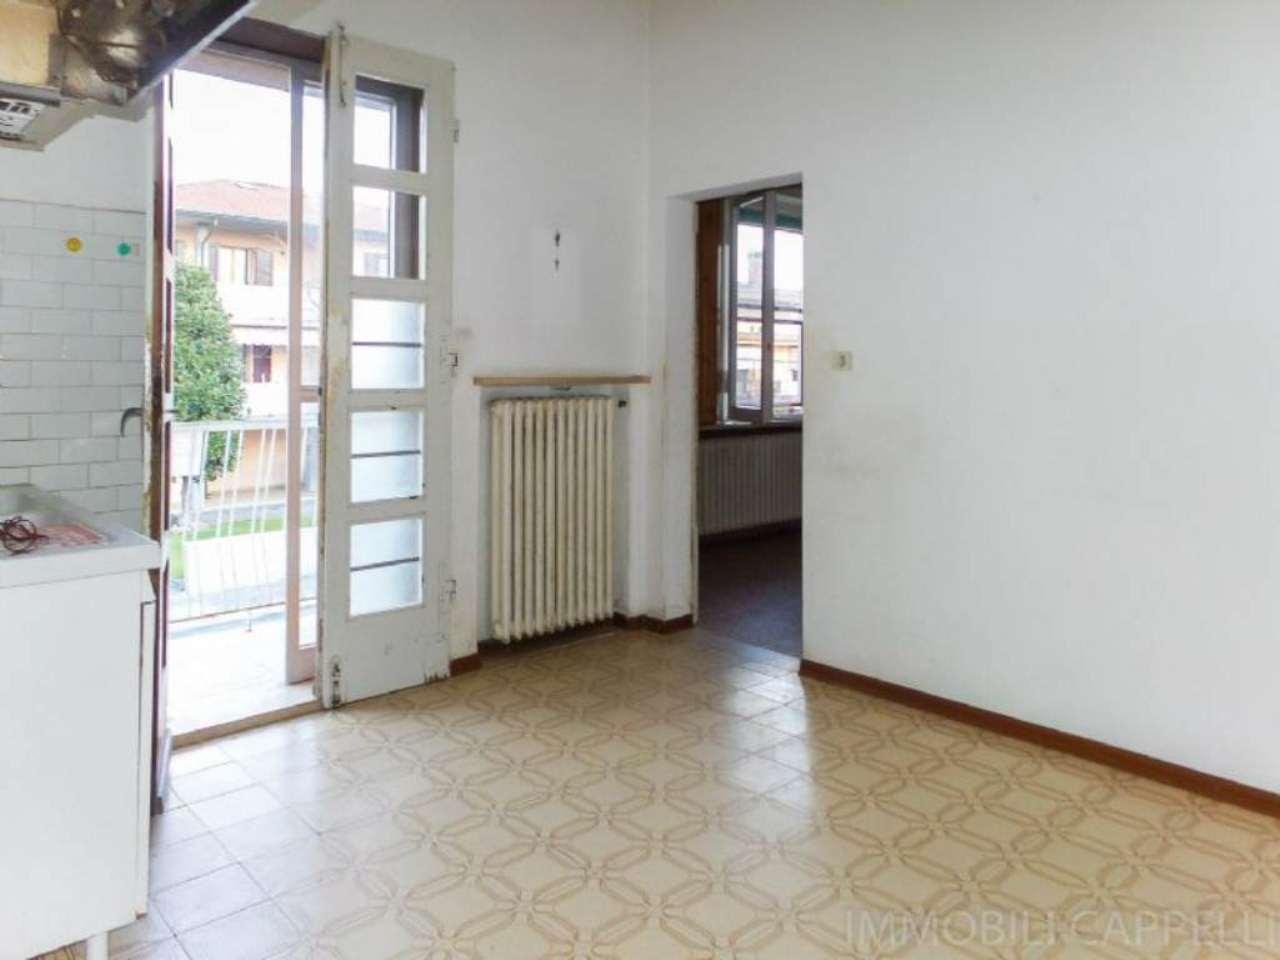 Appartamento in vendita a Cesena, 4 locali, prezzo € 115.000 | CambioCasa.it